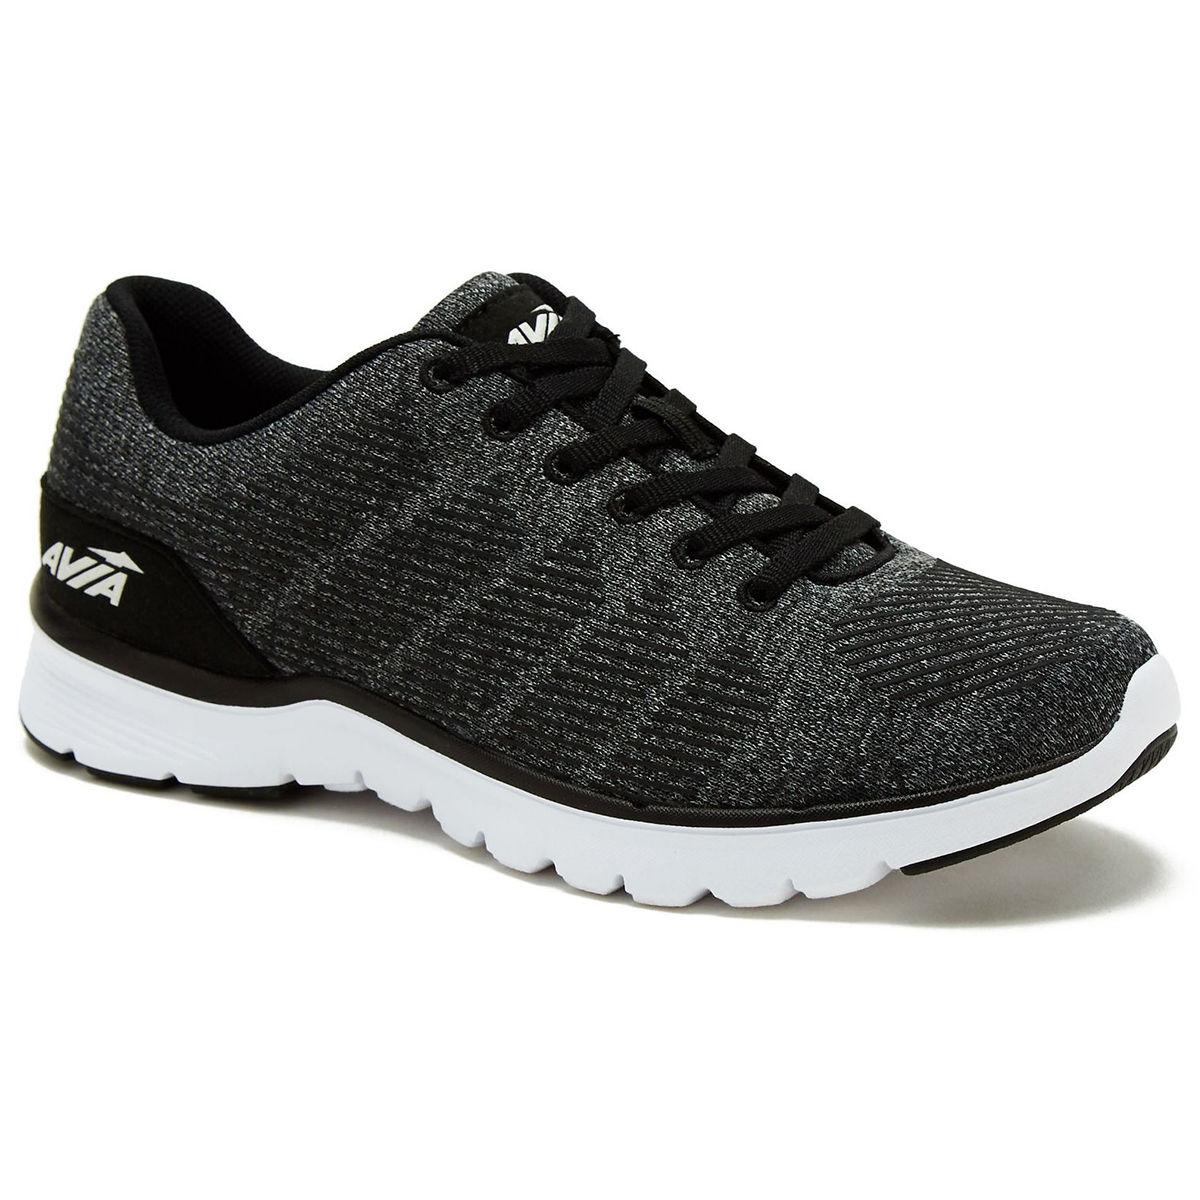 Avia Women's Avi-Rift Running Shoes, Wide - Black, 8.5